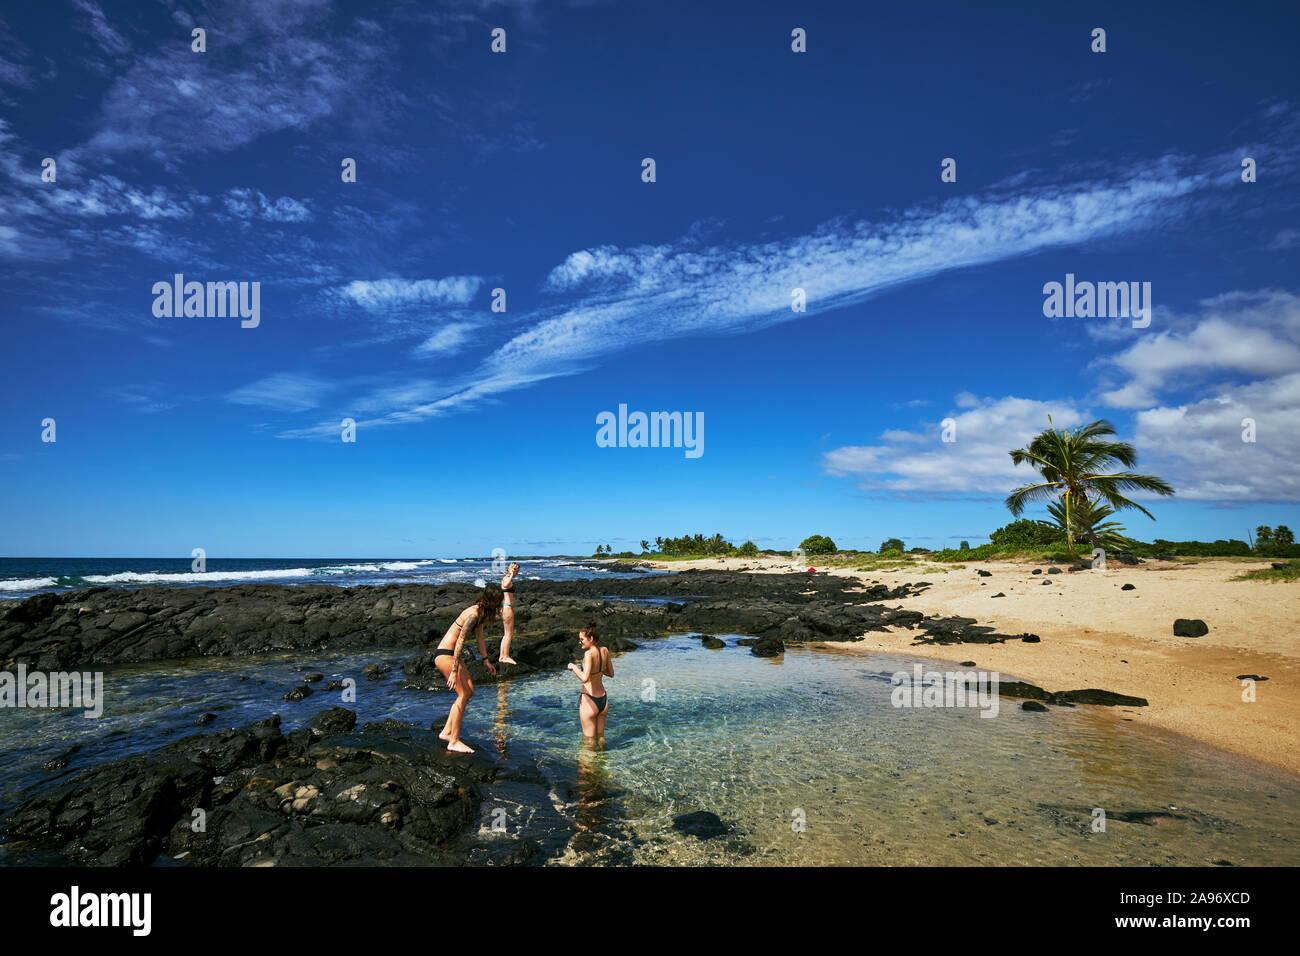 Tres mujeres jugando en una piscina natural en la Isla Grande de Hawai Foto de stock